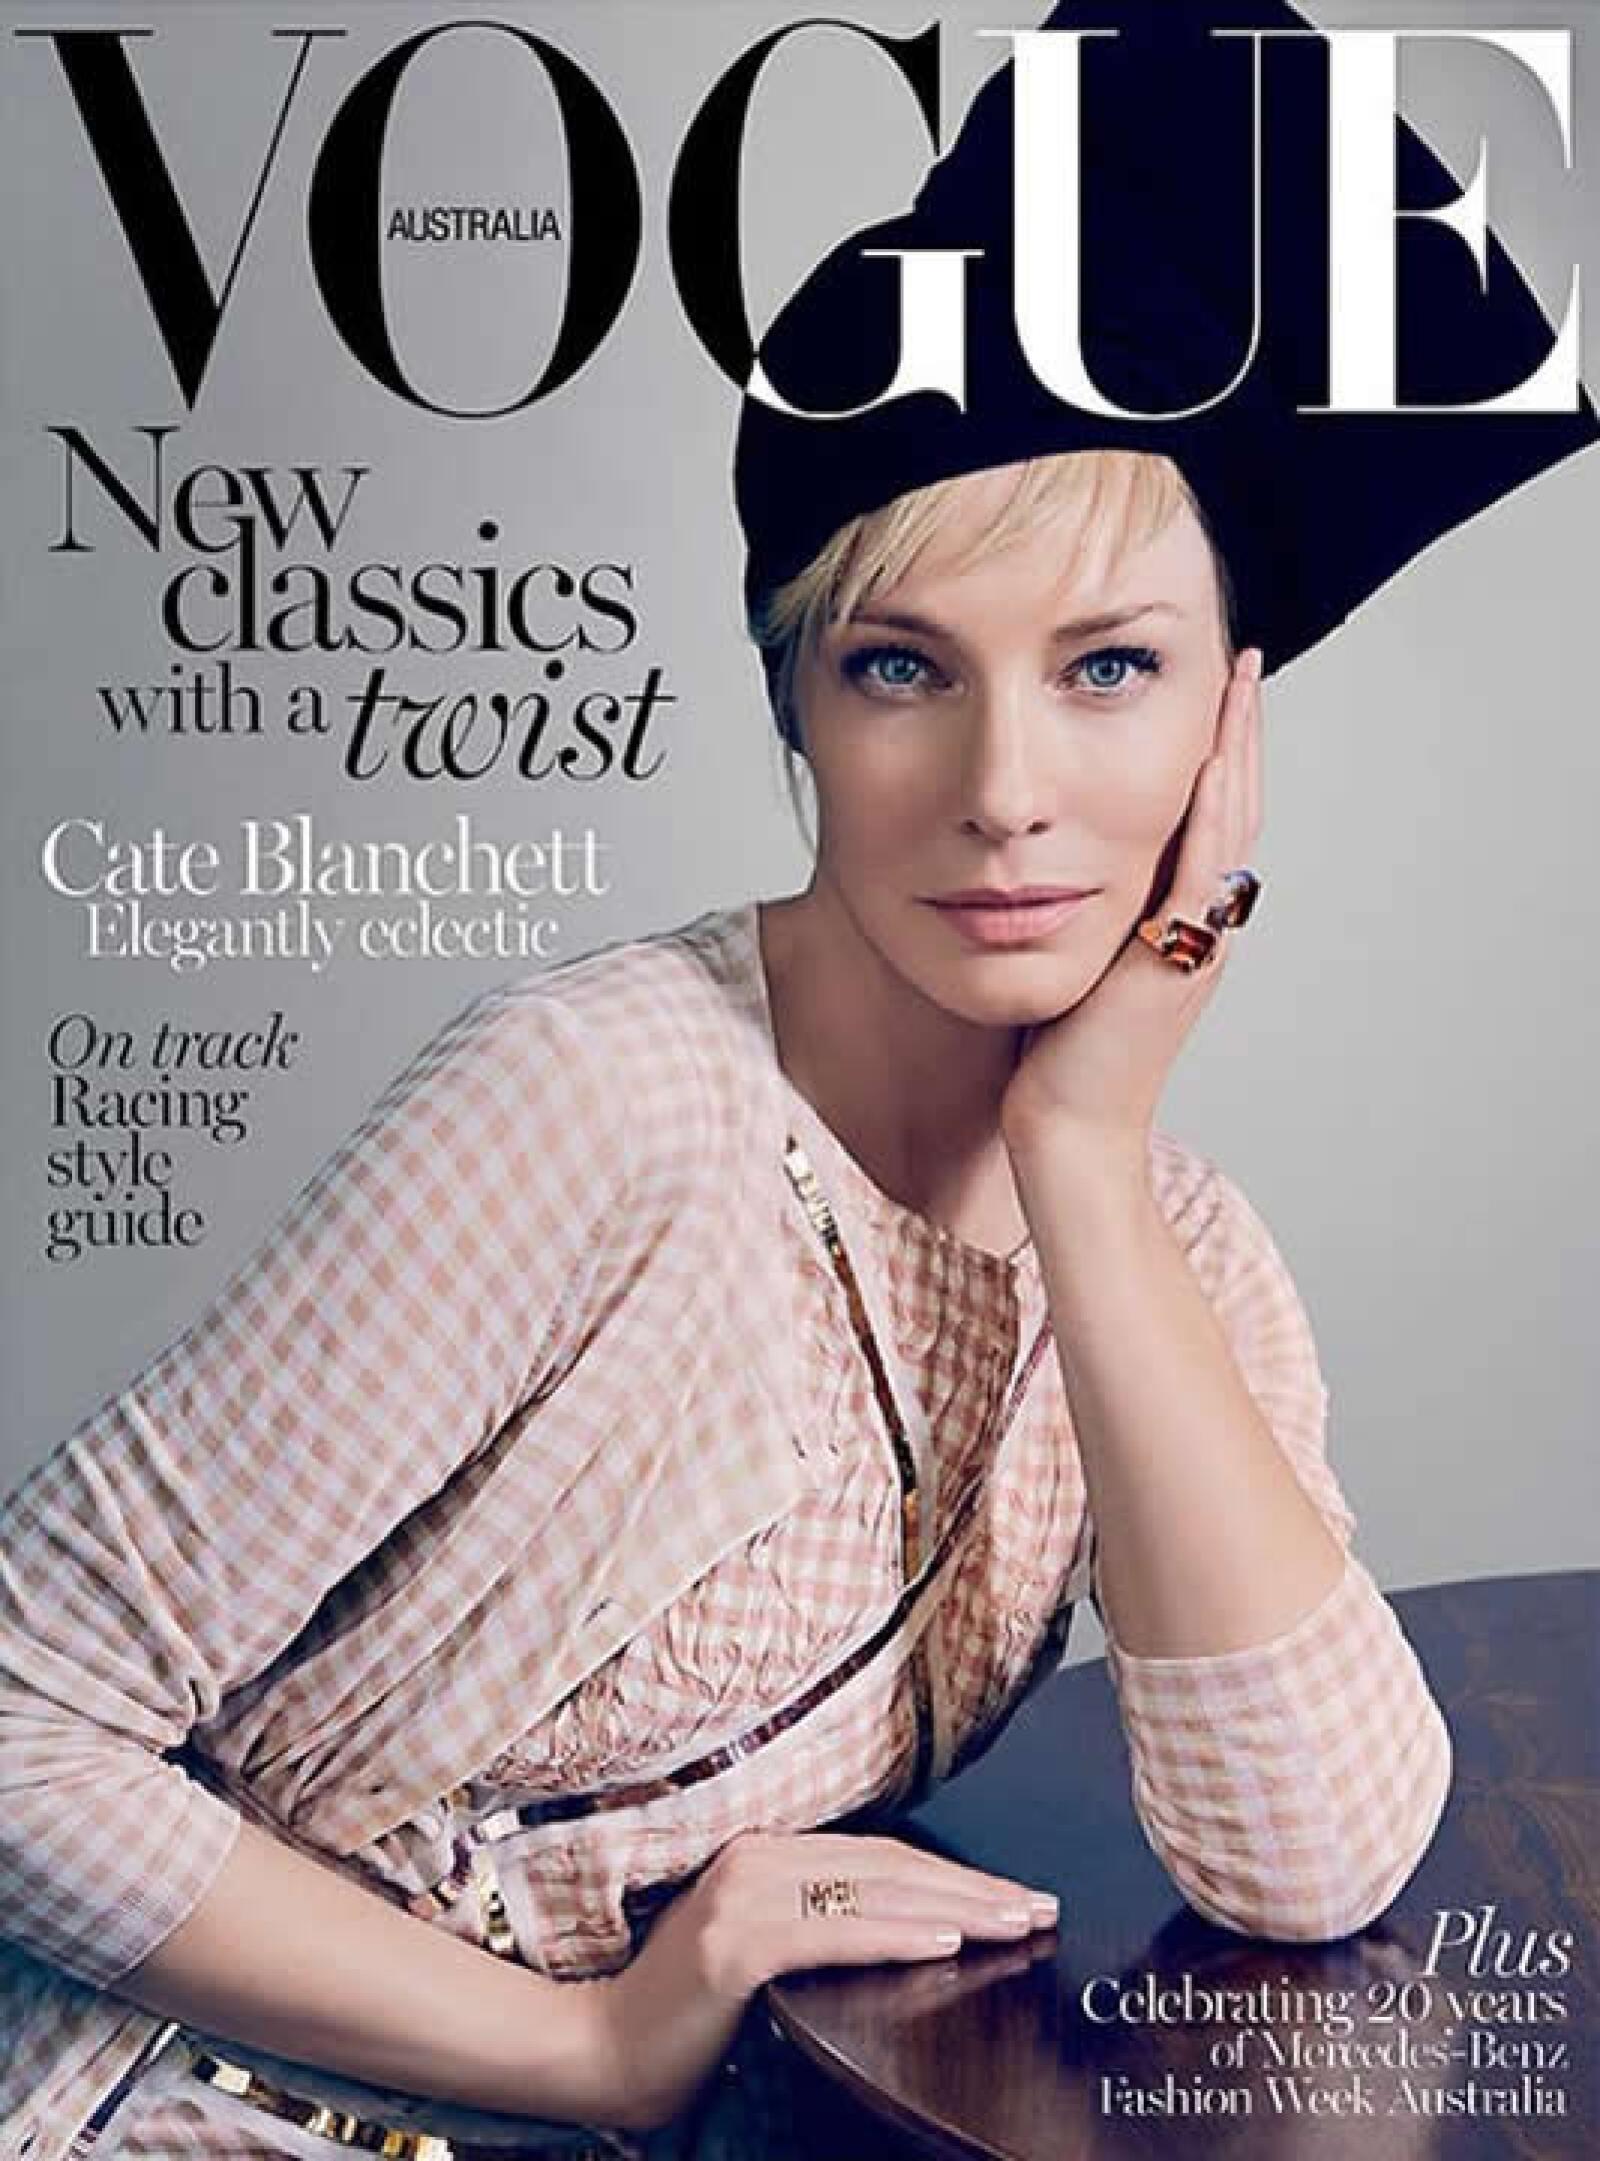 Regresando a los clásicos, Vogue Australia presenta a Cate Blanchett por Emma Smmerton. En la portada aparece usando Bottega Veneta, Marni y Alexander McQueen.